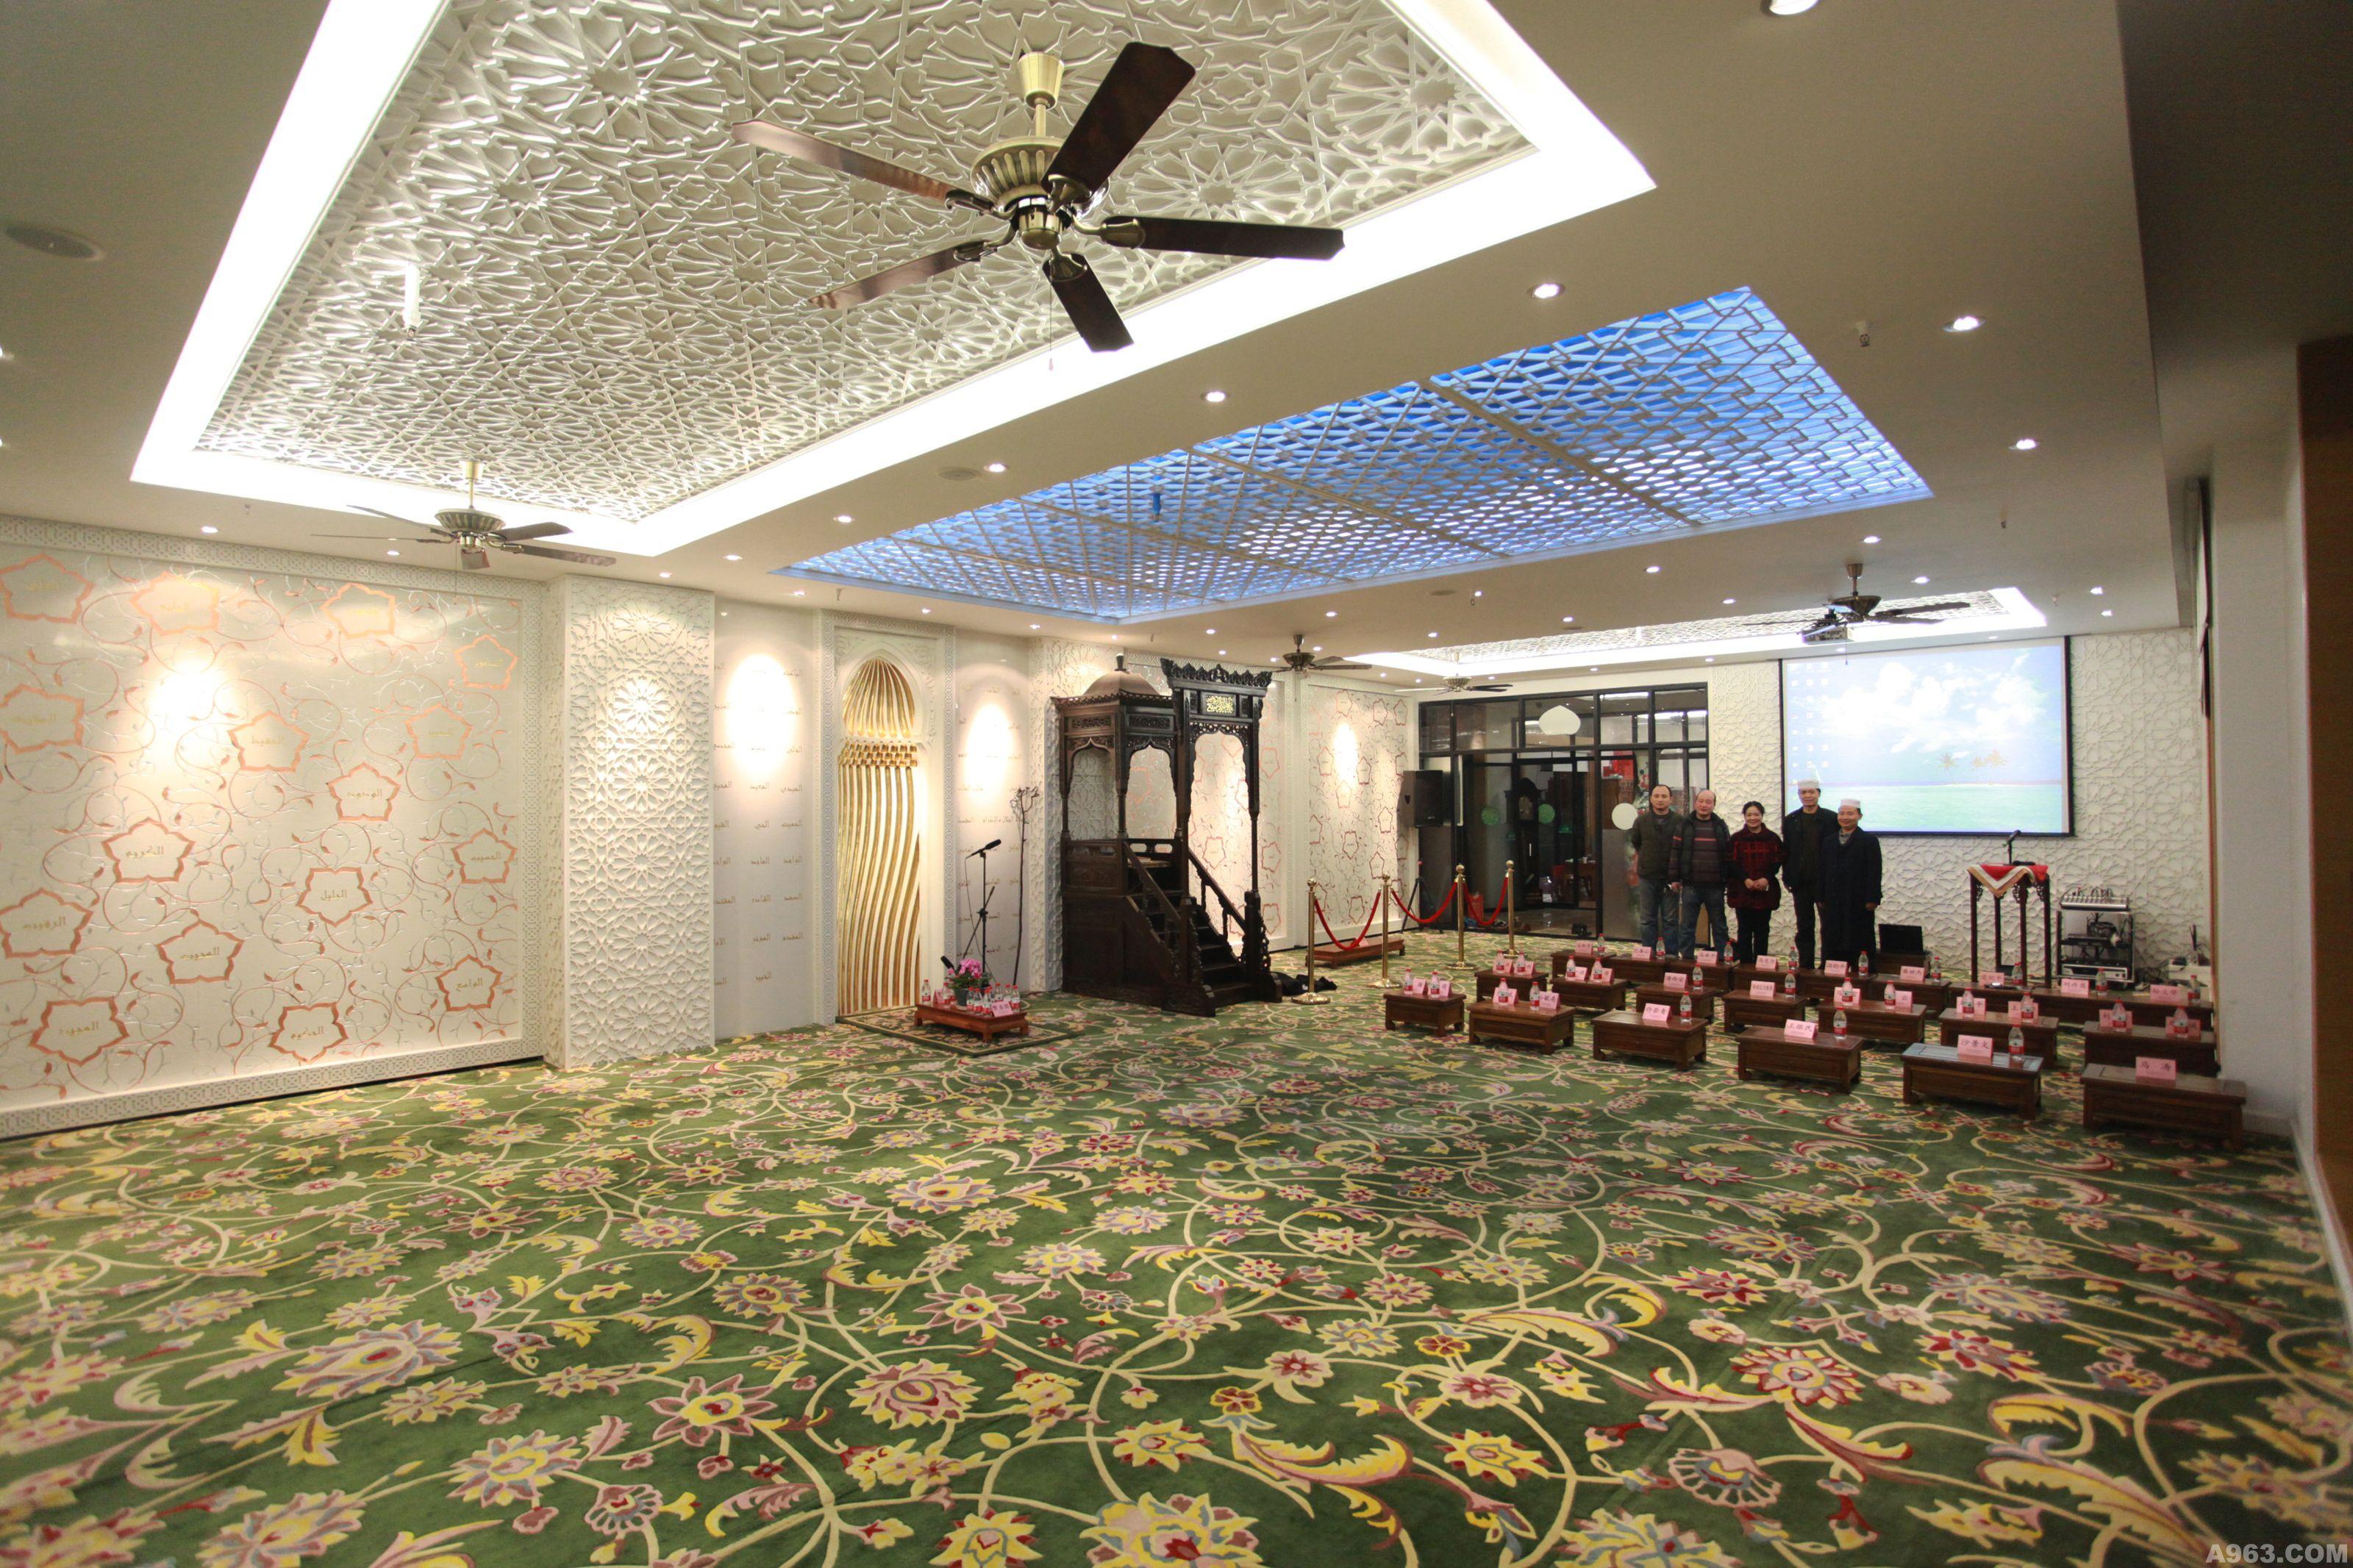 内部设计方法上突出伊斯兰教建筑风格,采用镂空阿拉伯花格图案